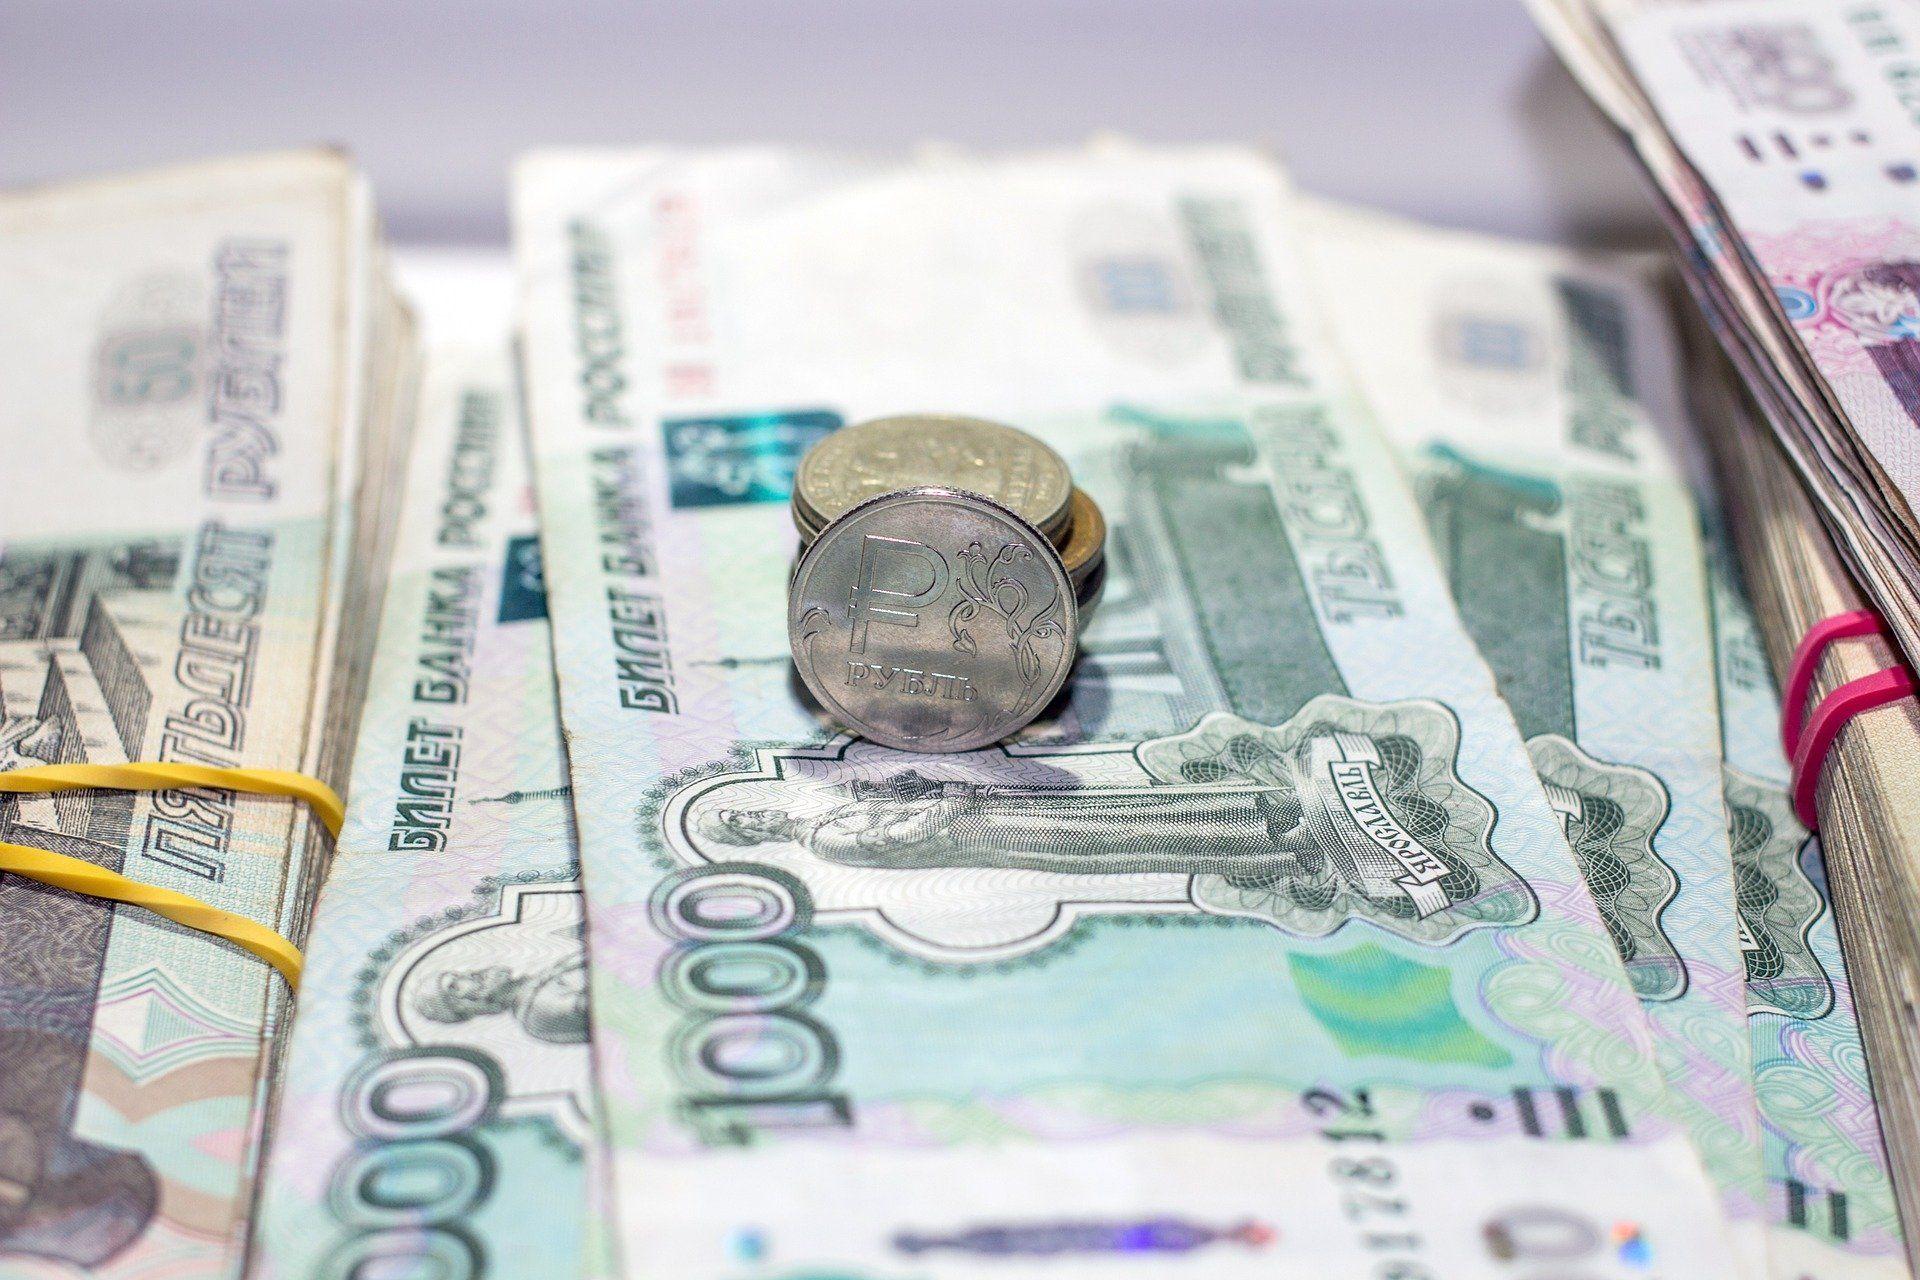 «Кировские коммунальные системы» спишут 50% долга за коммунальные услуги